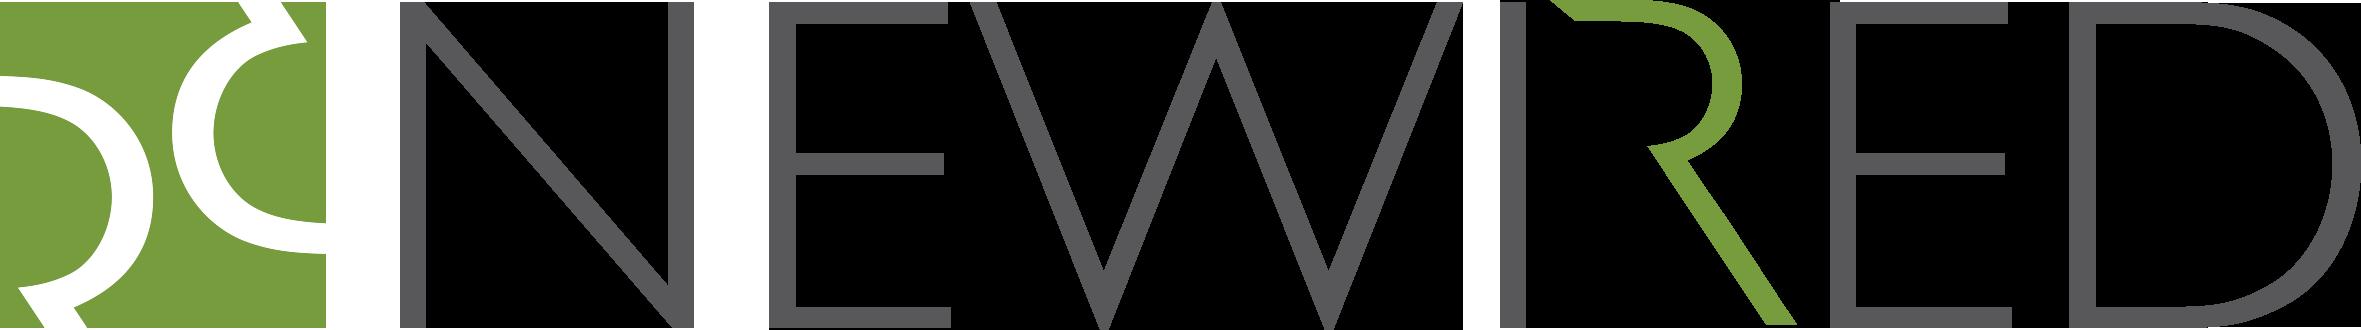 Newired Logo Large